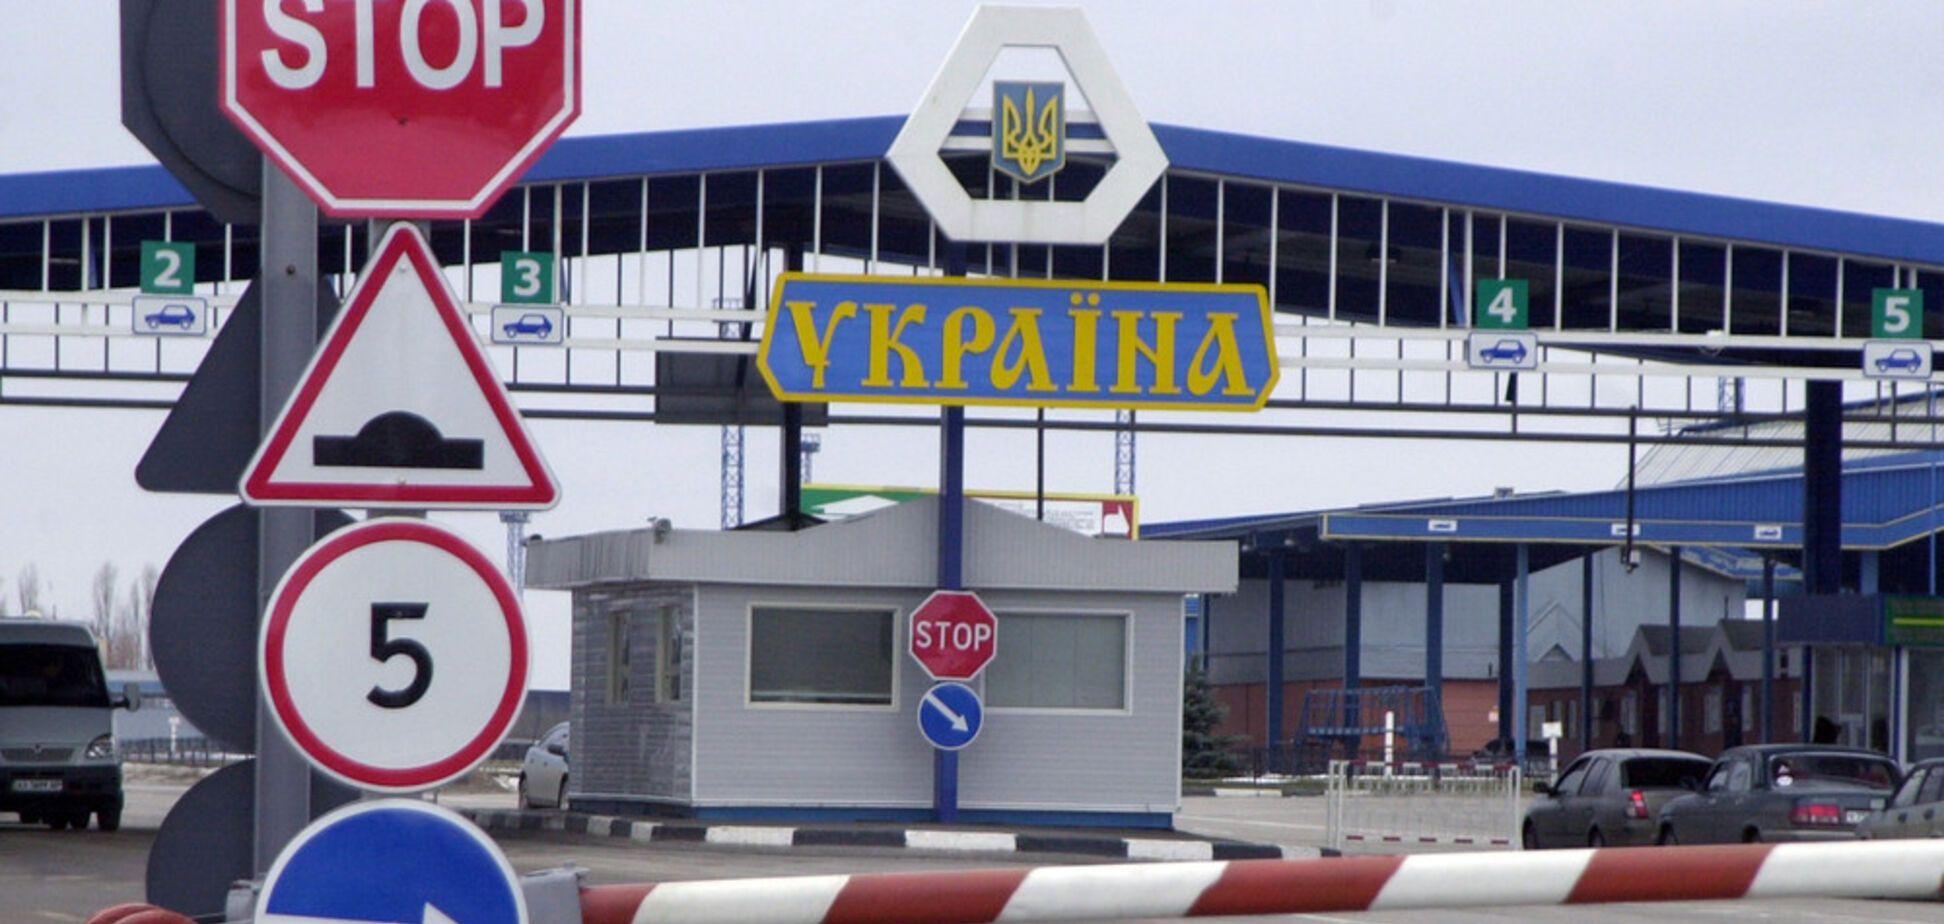 Пока что без виз: Климкин объяснил новые правила въезда россиян в Украину